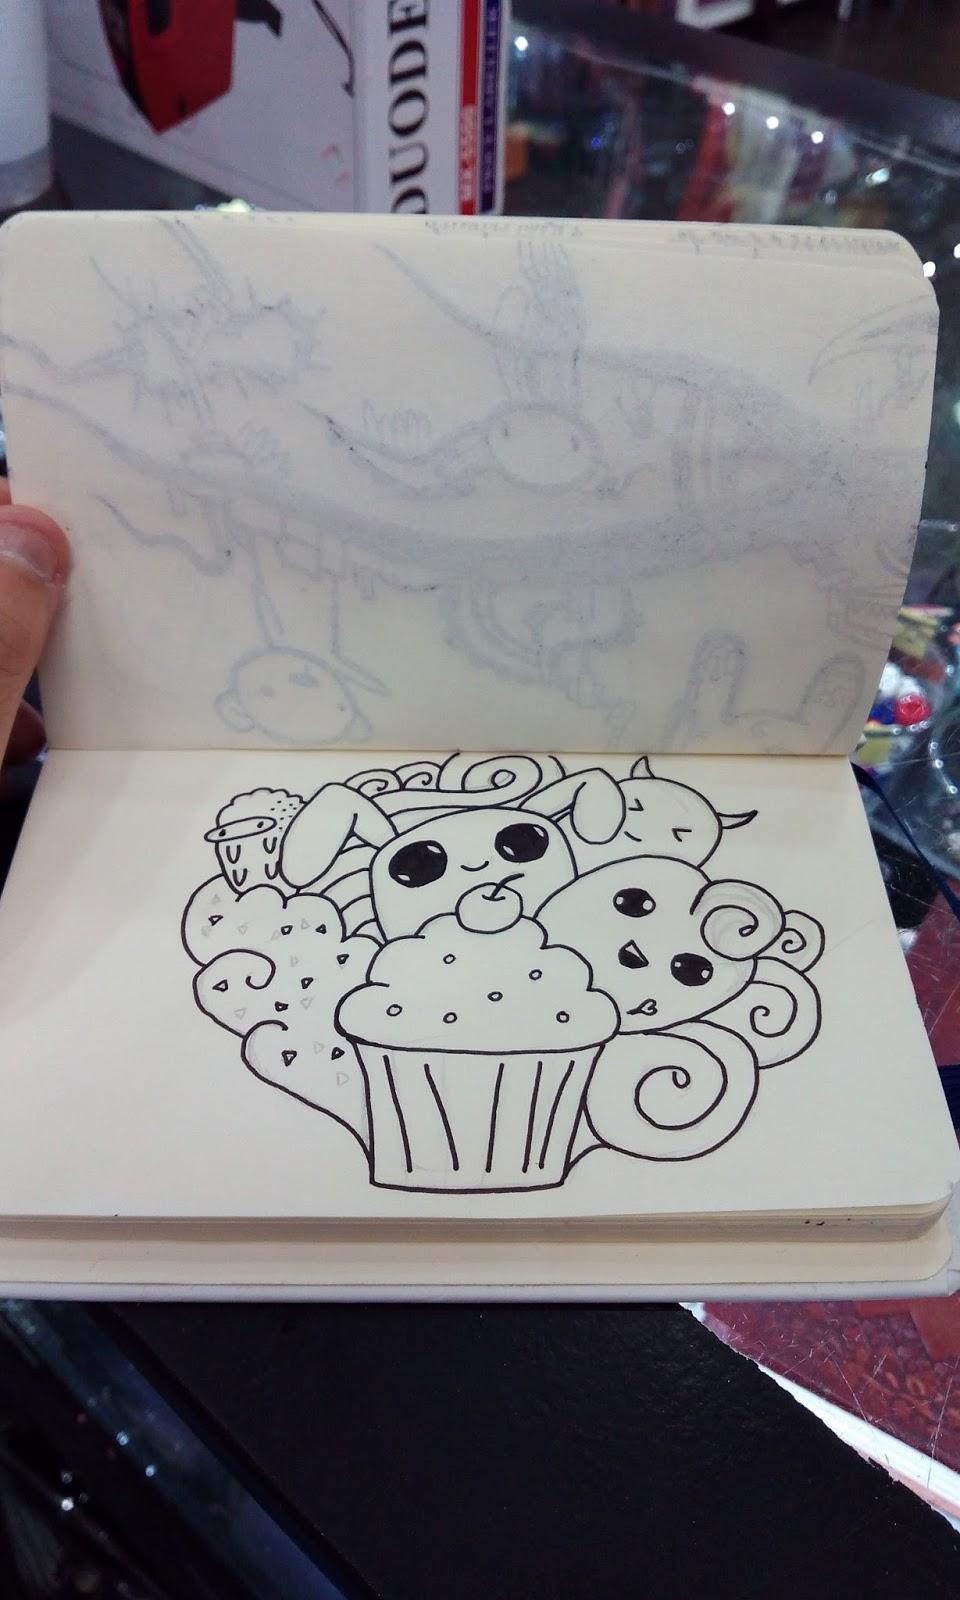 Dibujos Random - ¿Posibles gráficos para un juego? IMG-20150907-WA0013